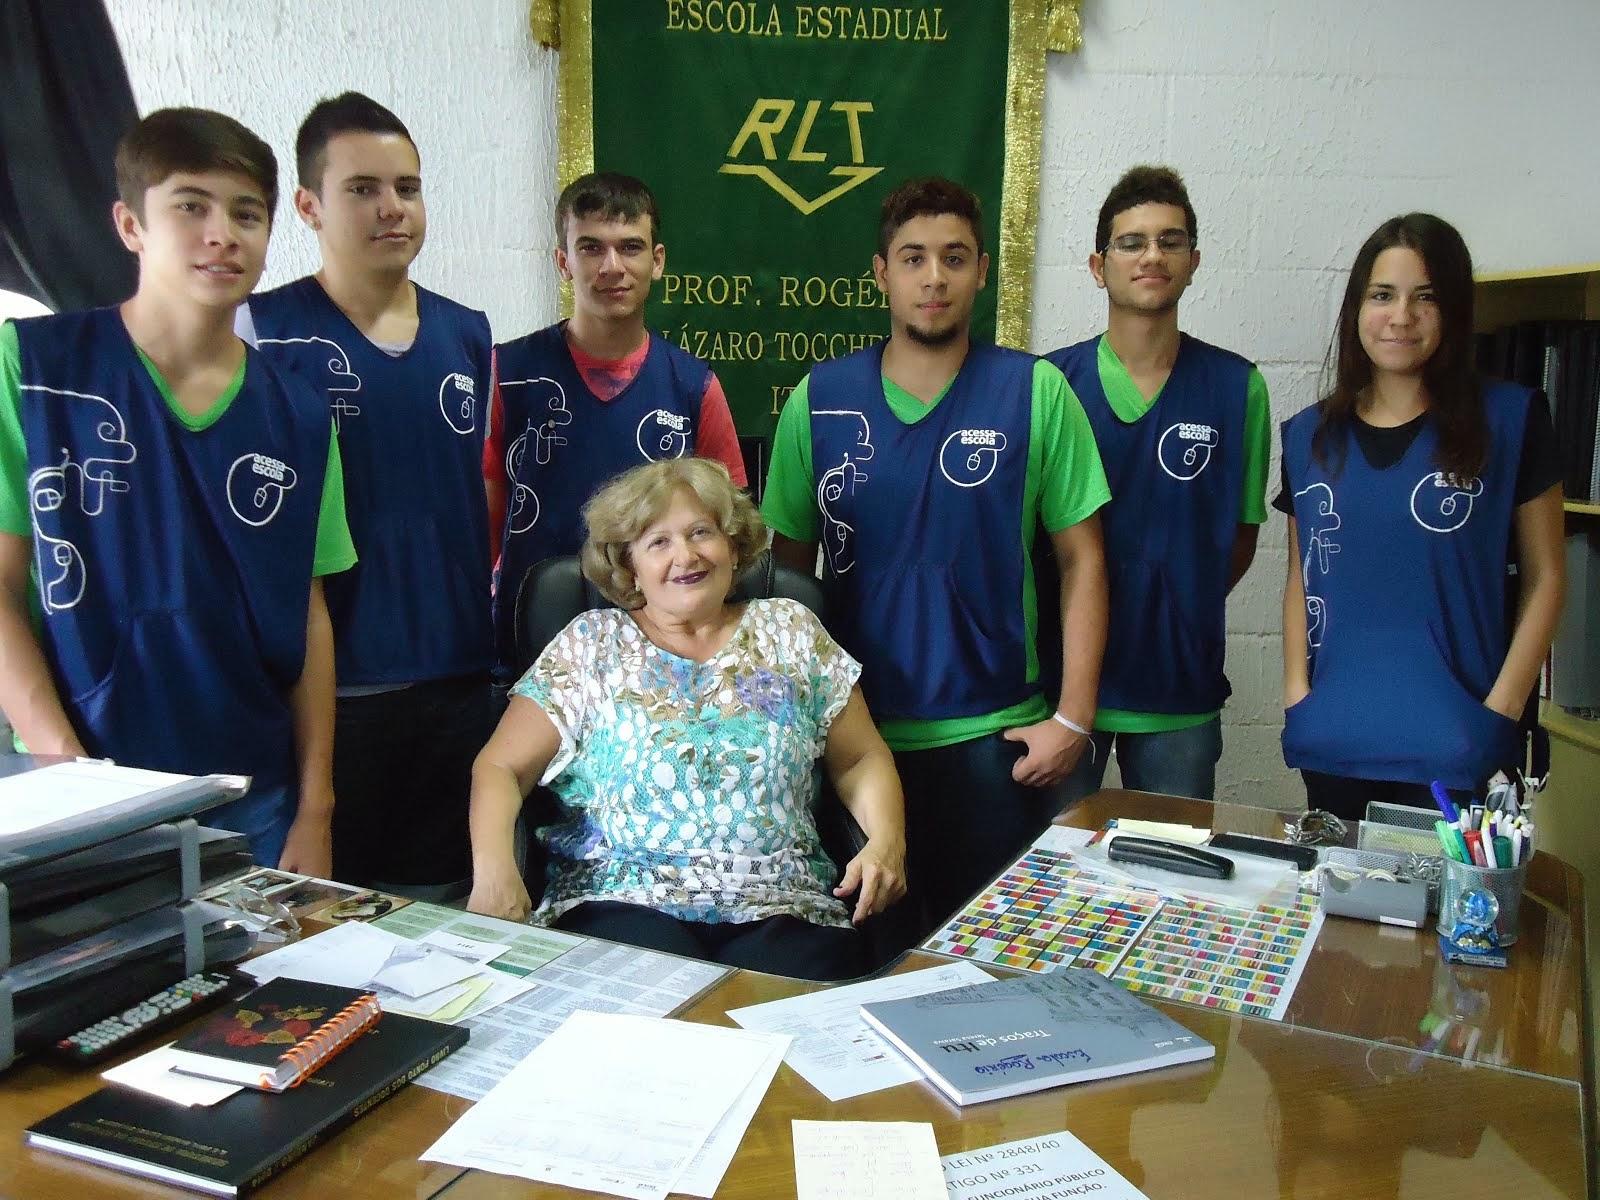 Estagiários do Acessa Escola 2014